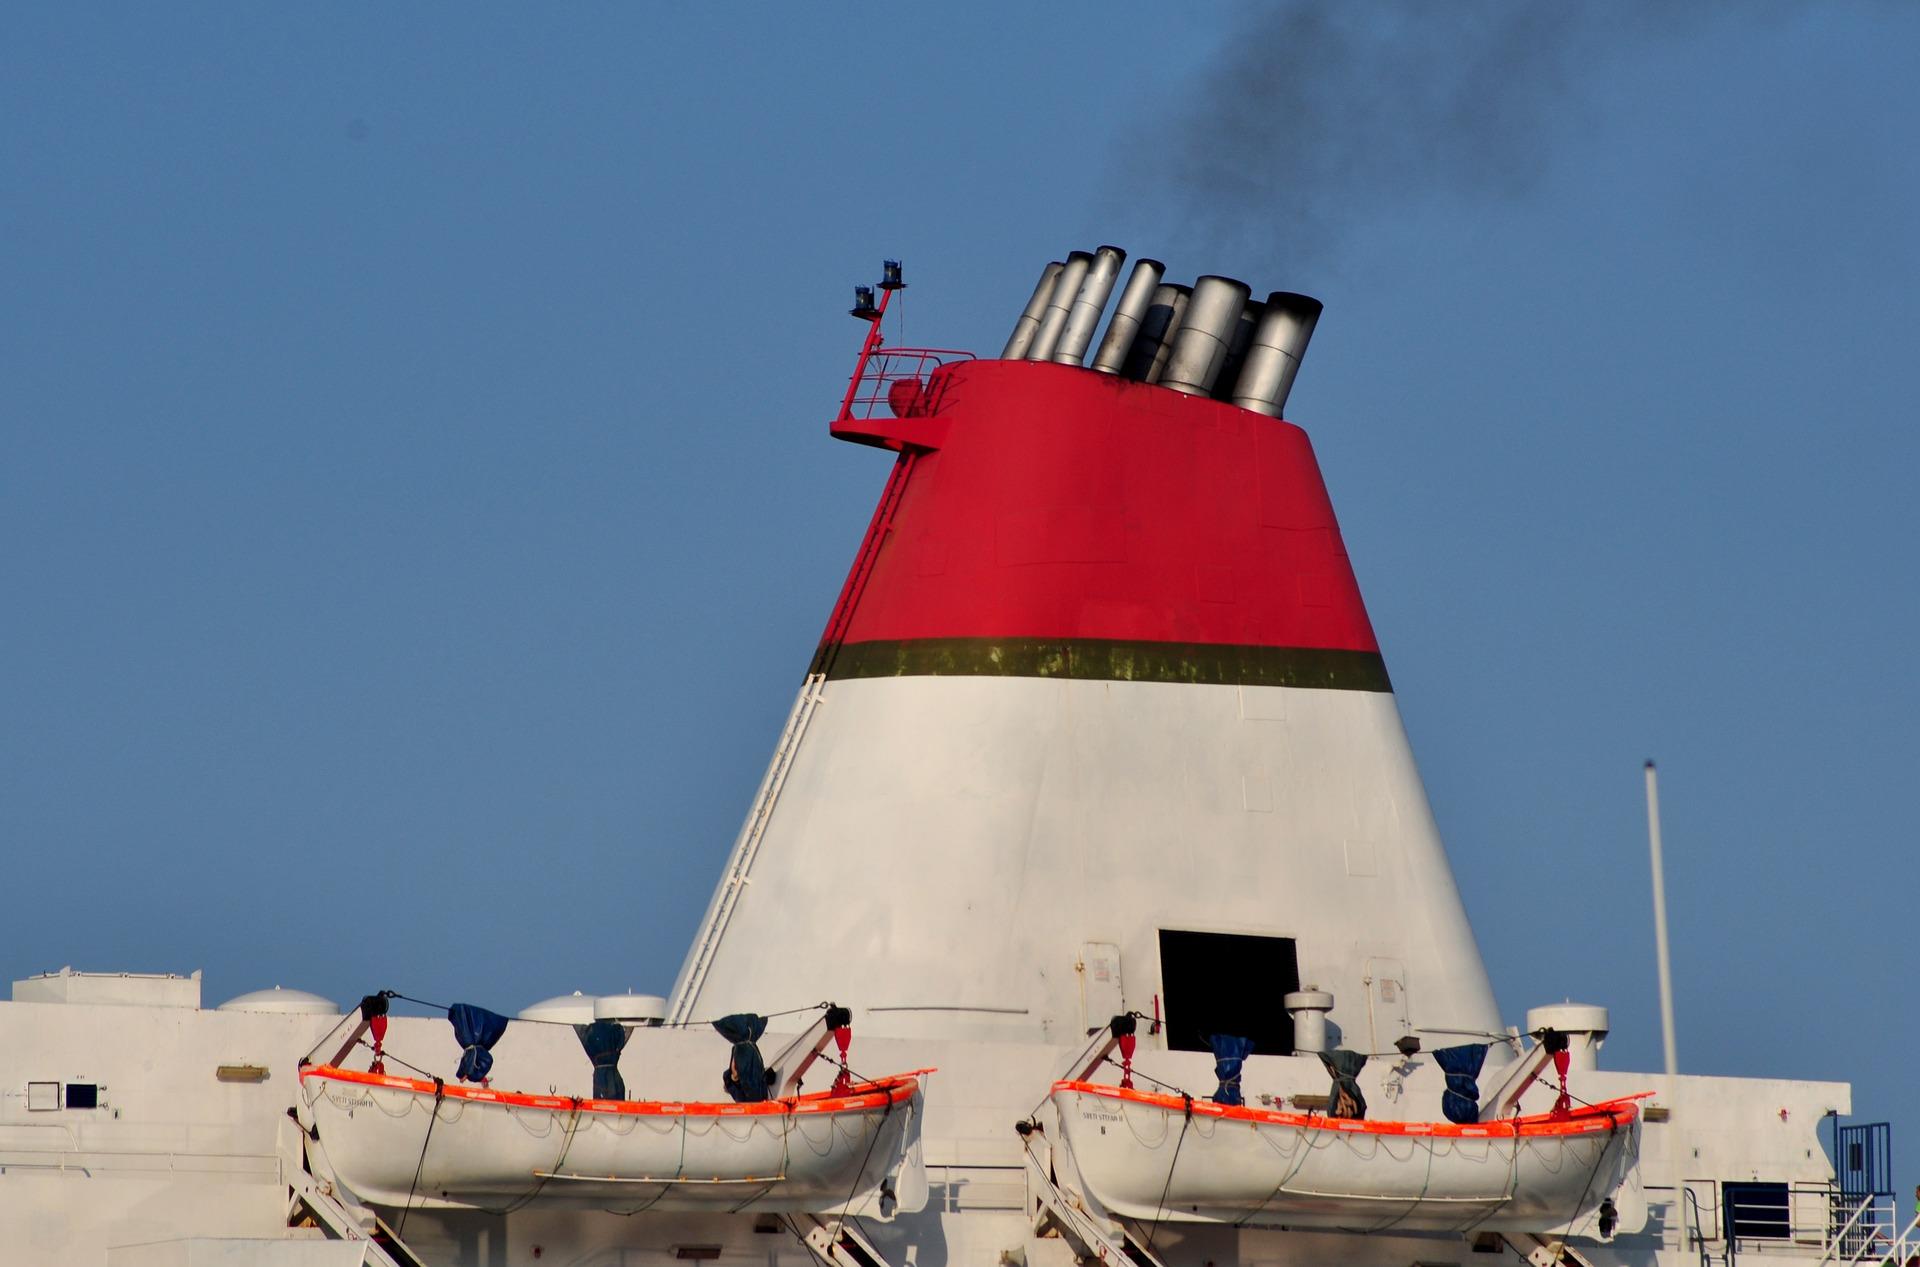 Progetto Flumarturb: una turbina a vapore per il recupero dell'energia dai fumi di scarico delle navi